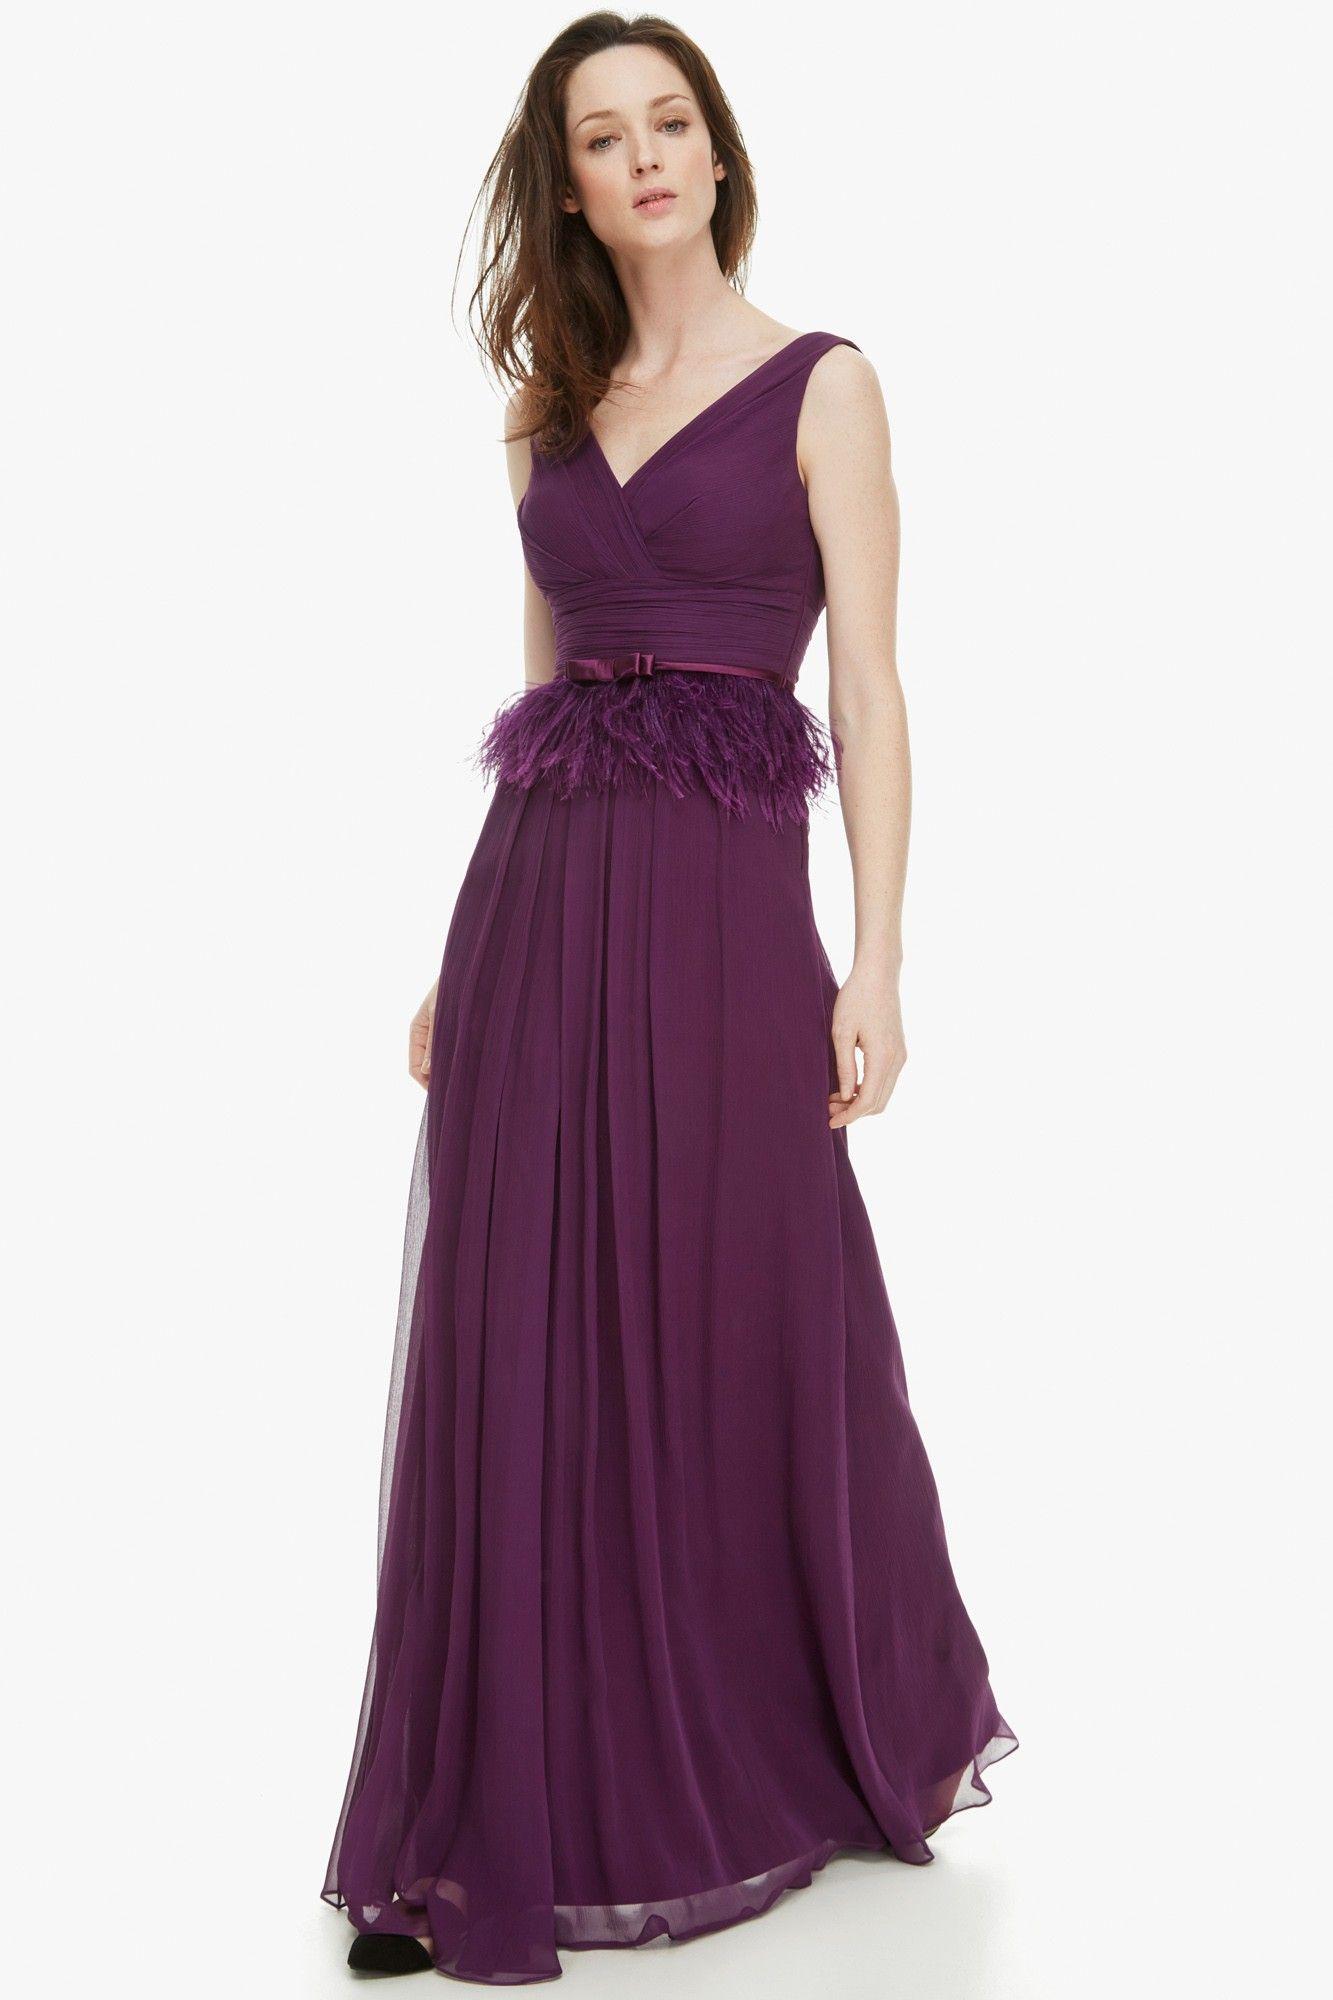 Vestido de seda con escote rom ntico vestidos adolfo for Vestidos adolfo dominguez outlet online